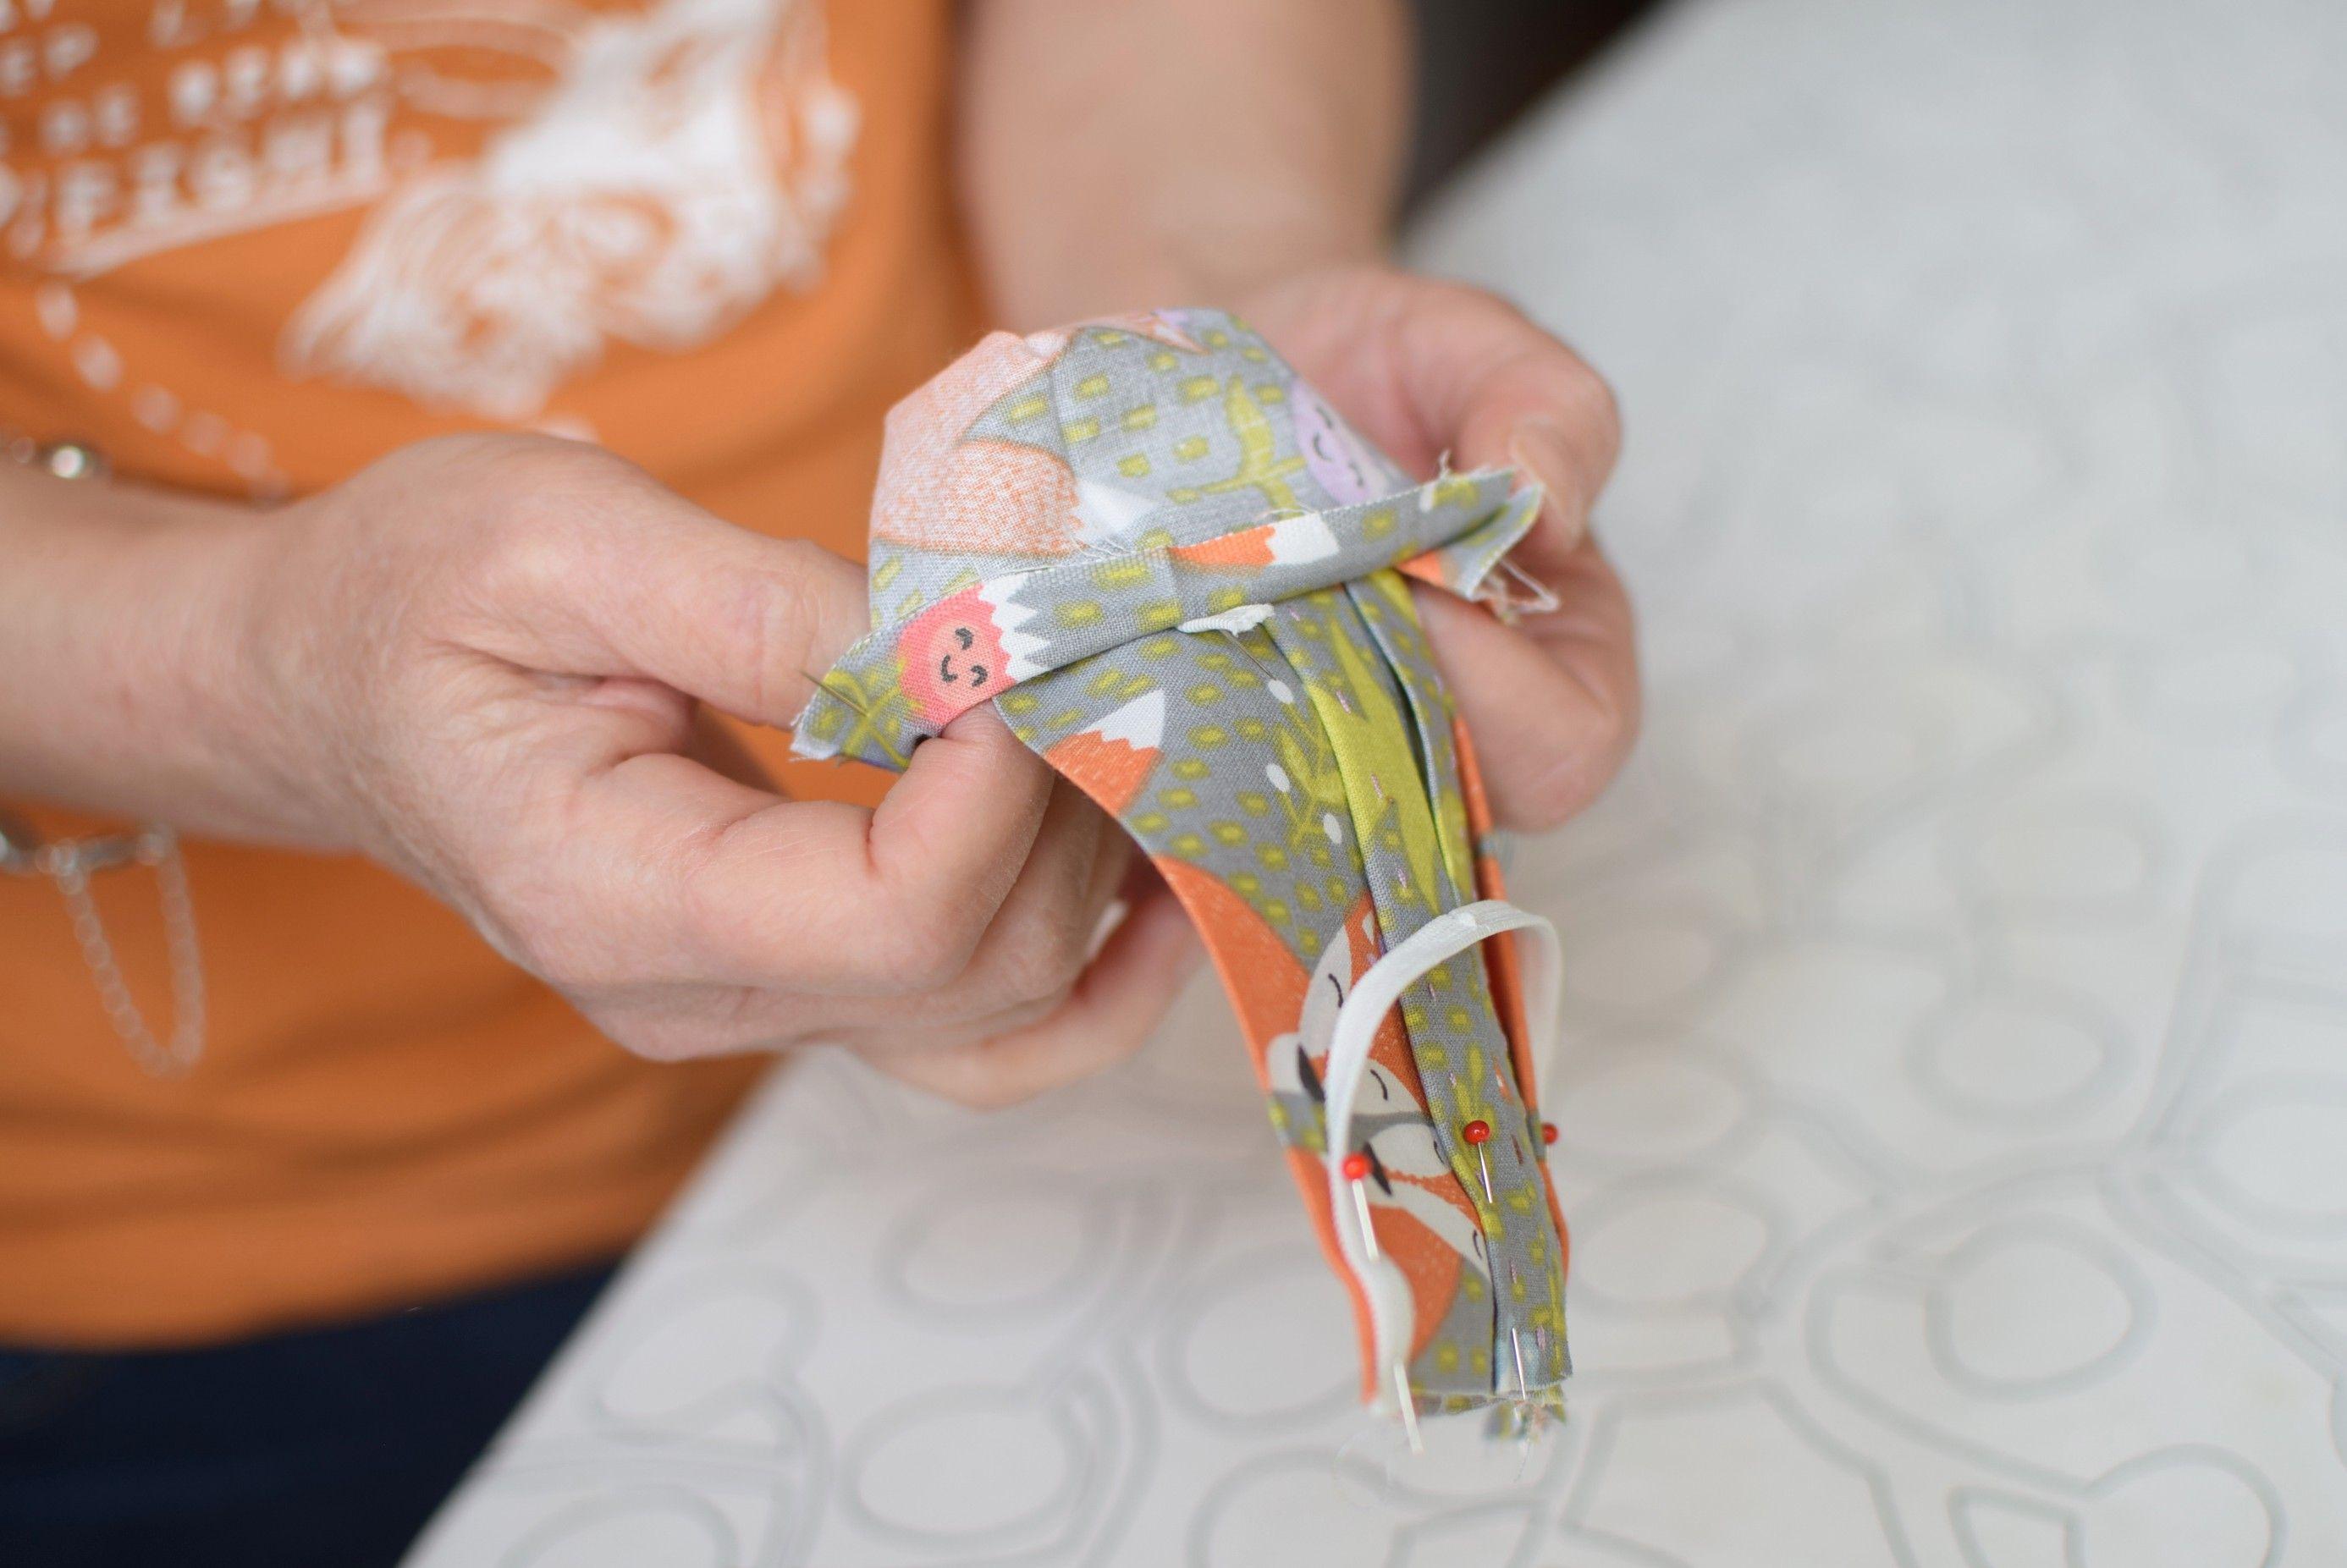 Szycie maseczki bawełnianej - tutorial - szycie ręczne - odwracanie całości - lewa strona